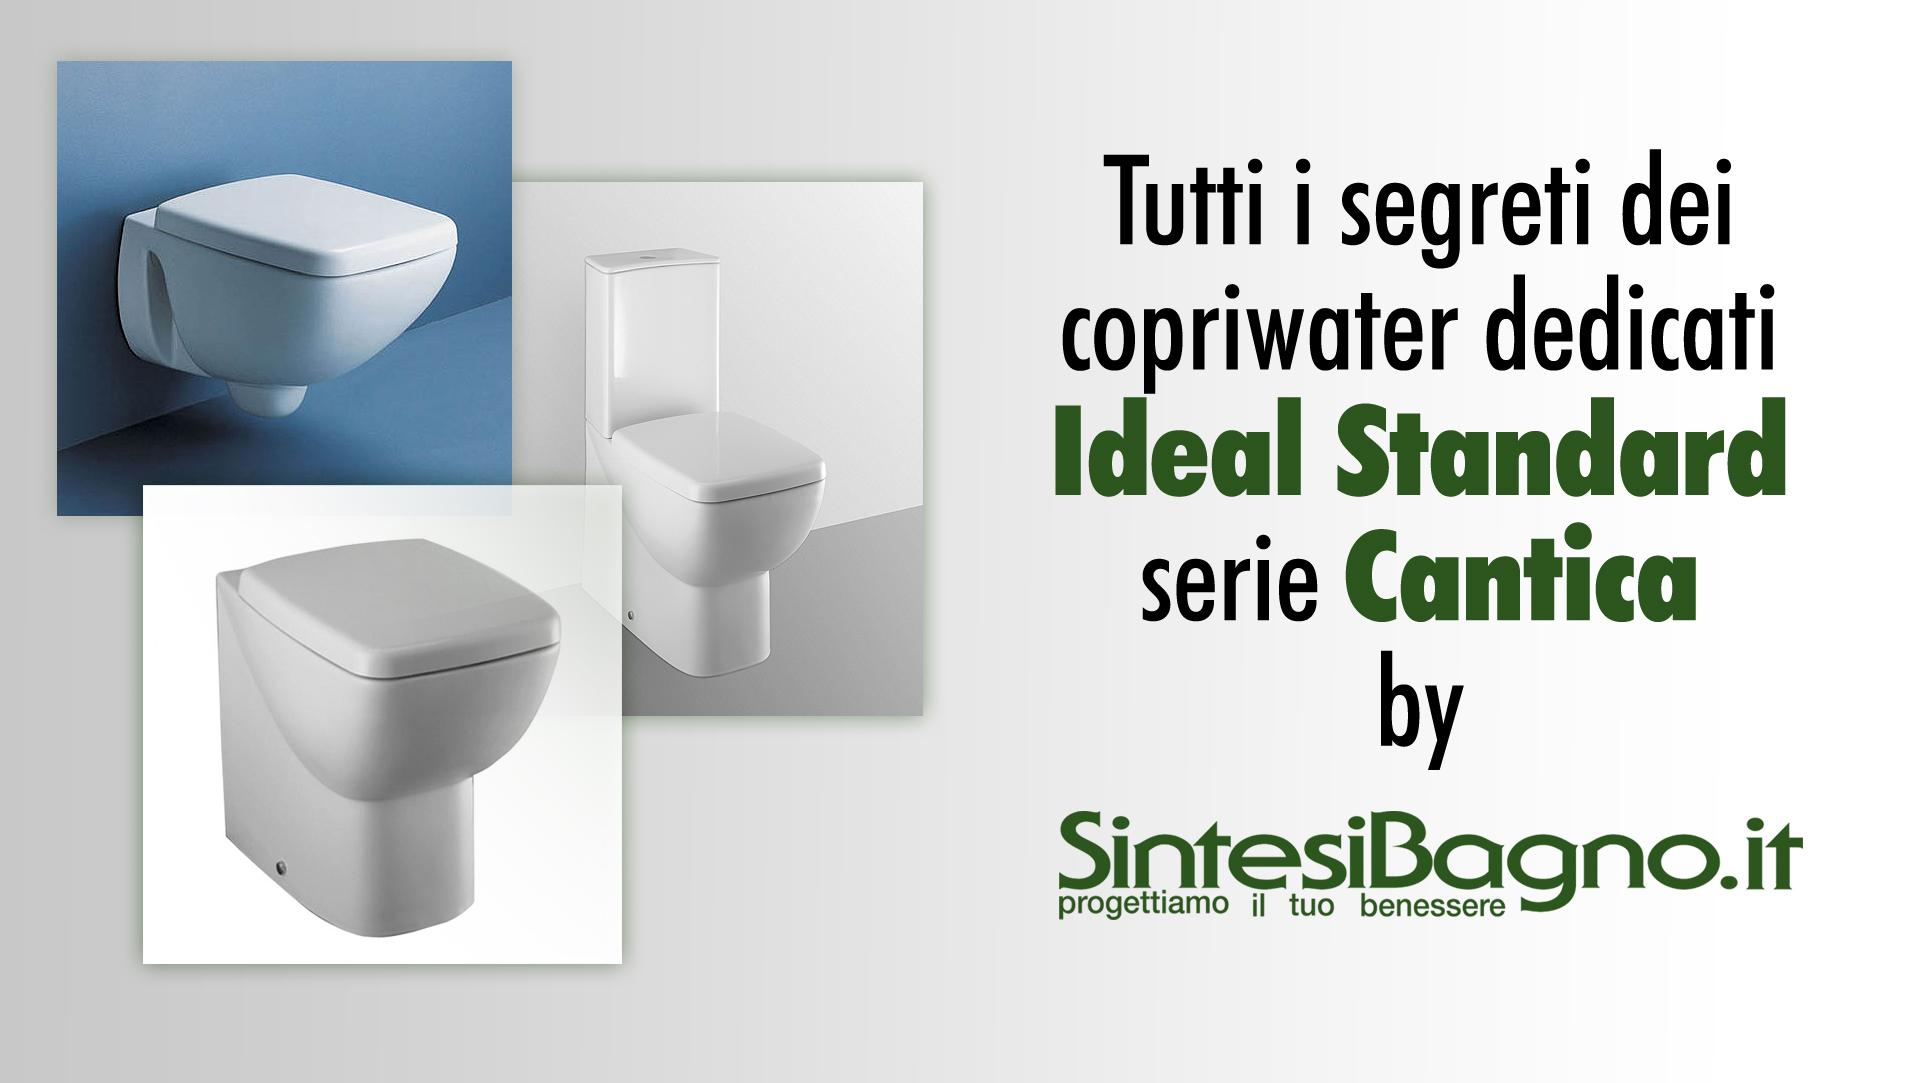 Copriwater DEDICATO Ideal Standard modello Cantica | La versione più conveniente in termini di prezzo e qualità